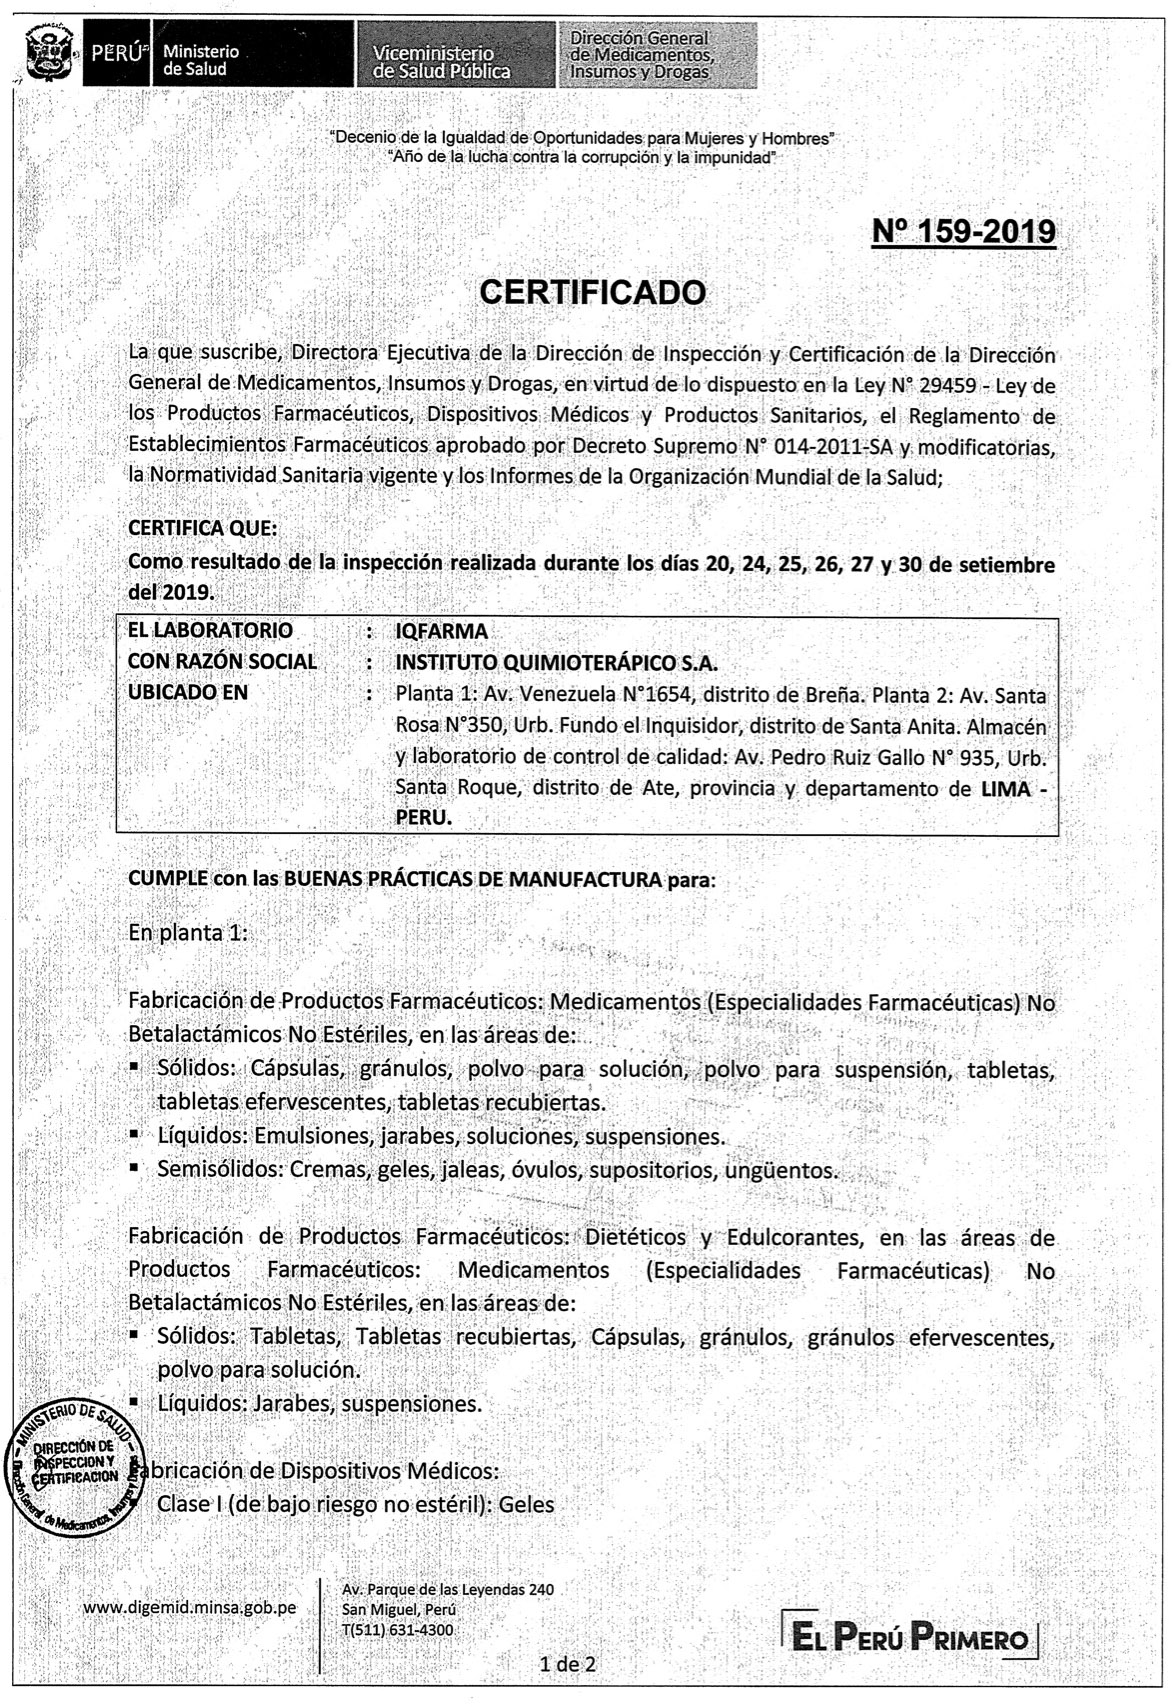 16. CERTIFICADO BPM N° 159-2019